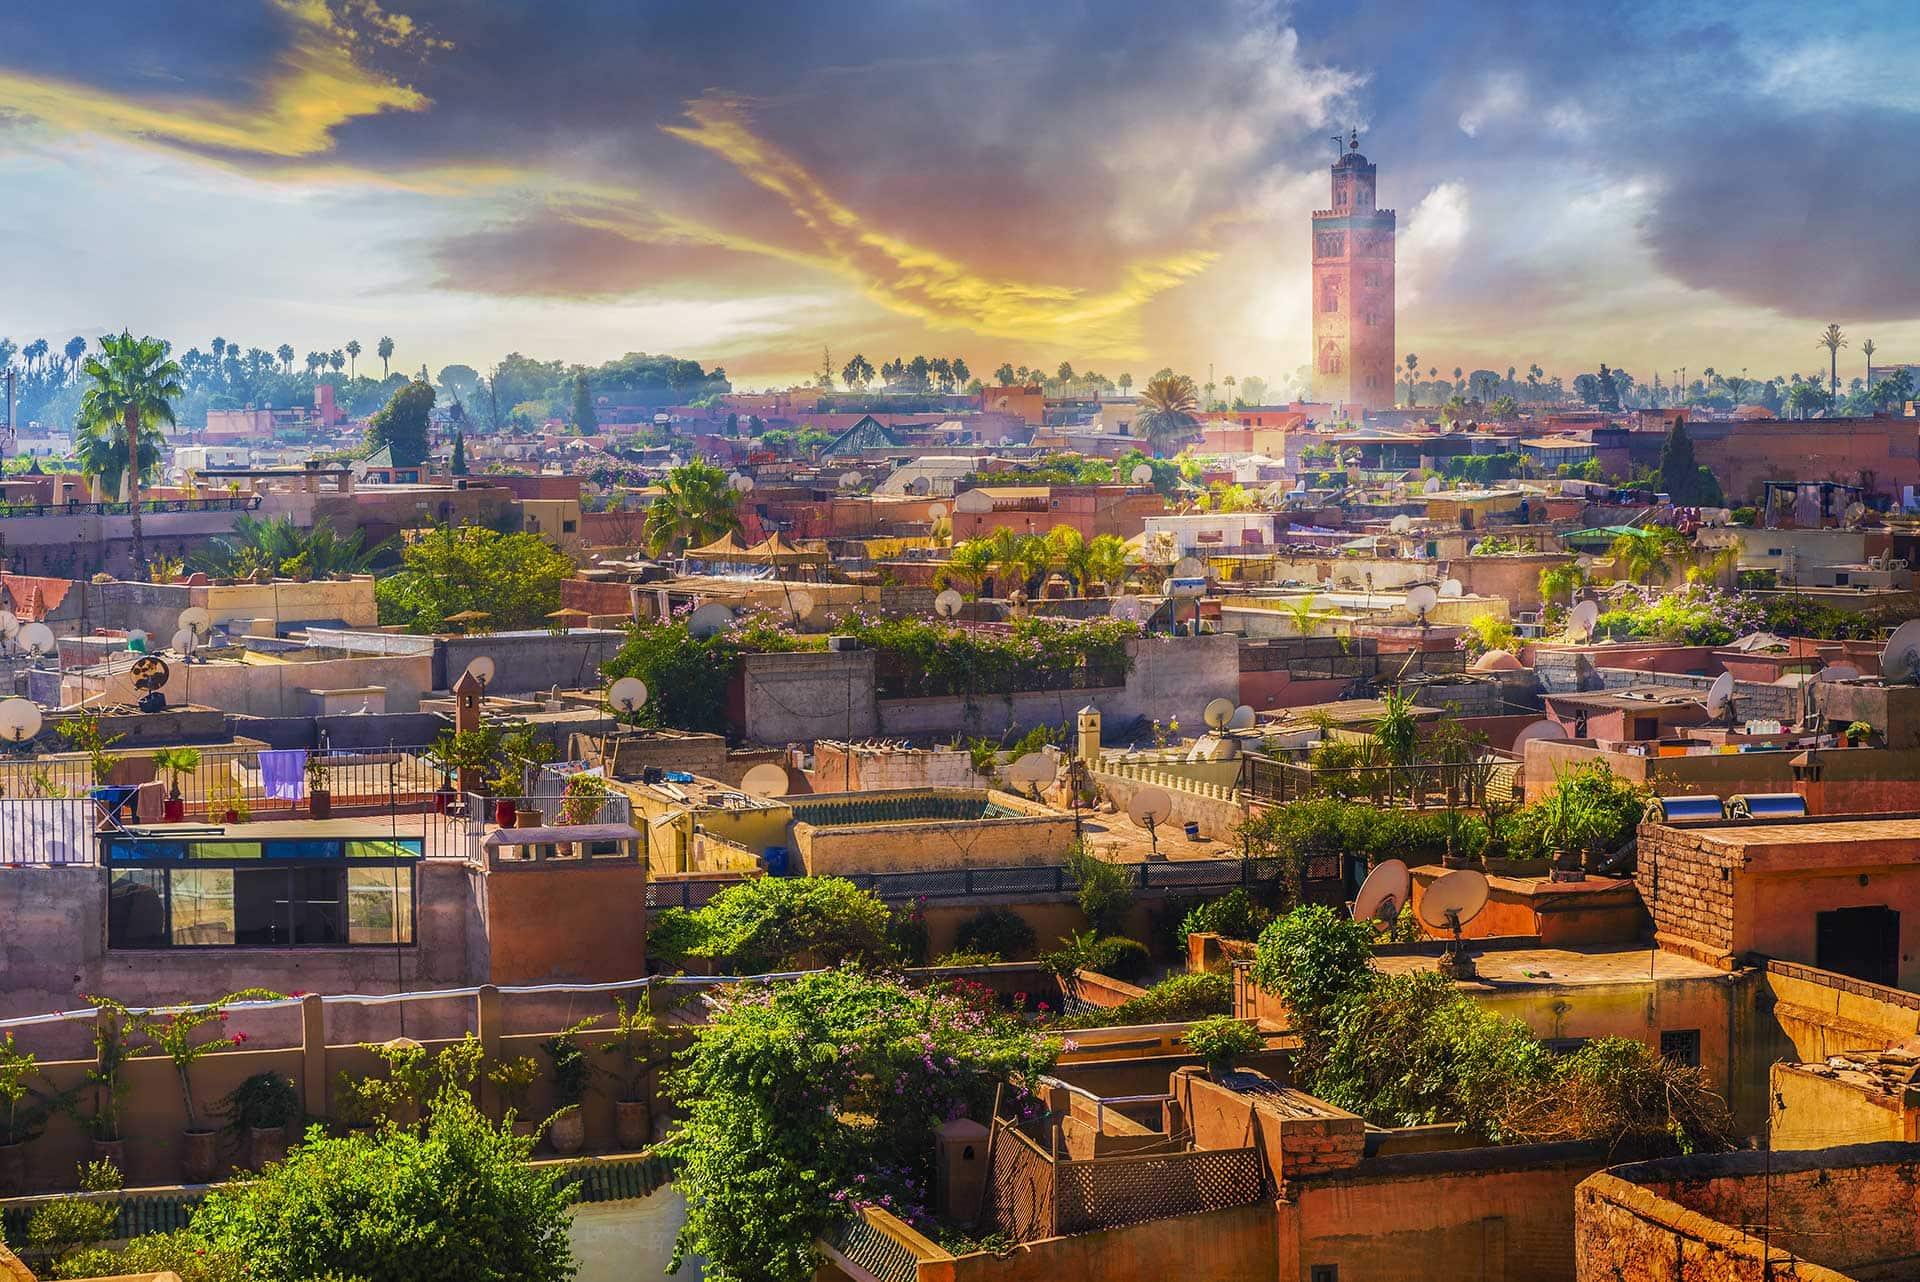 frauenreise-marokko-marrakesch-Medina